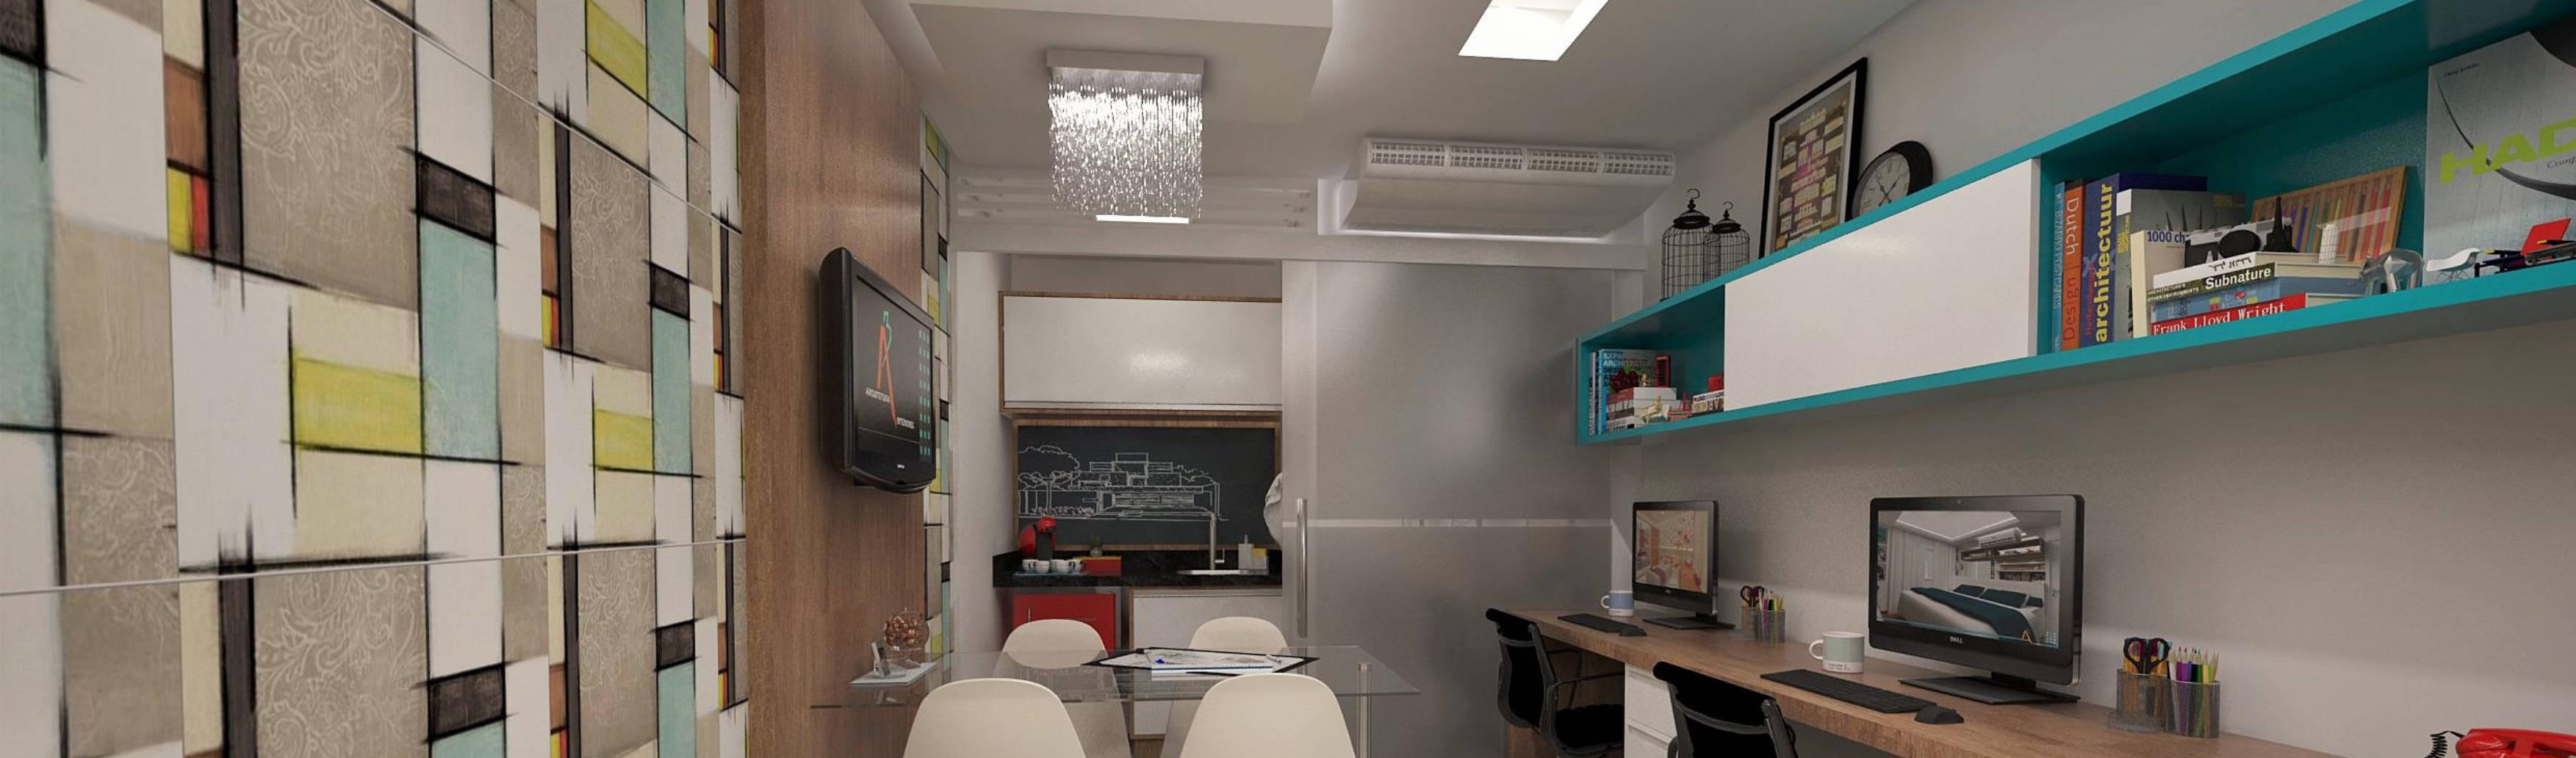 Ao Cubo Arquitetura e Interiores